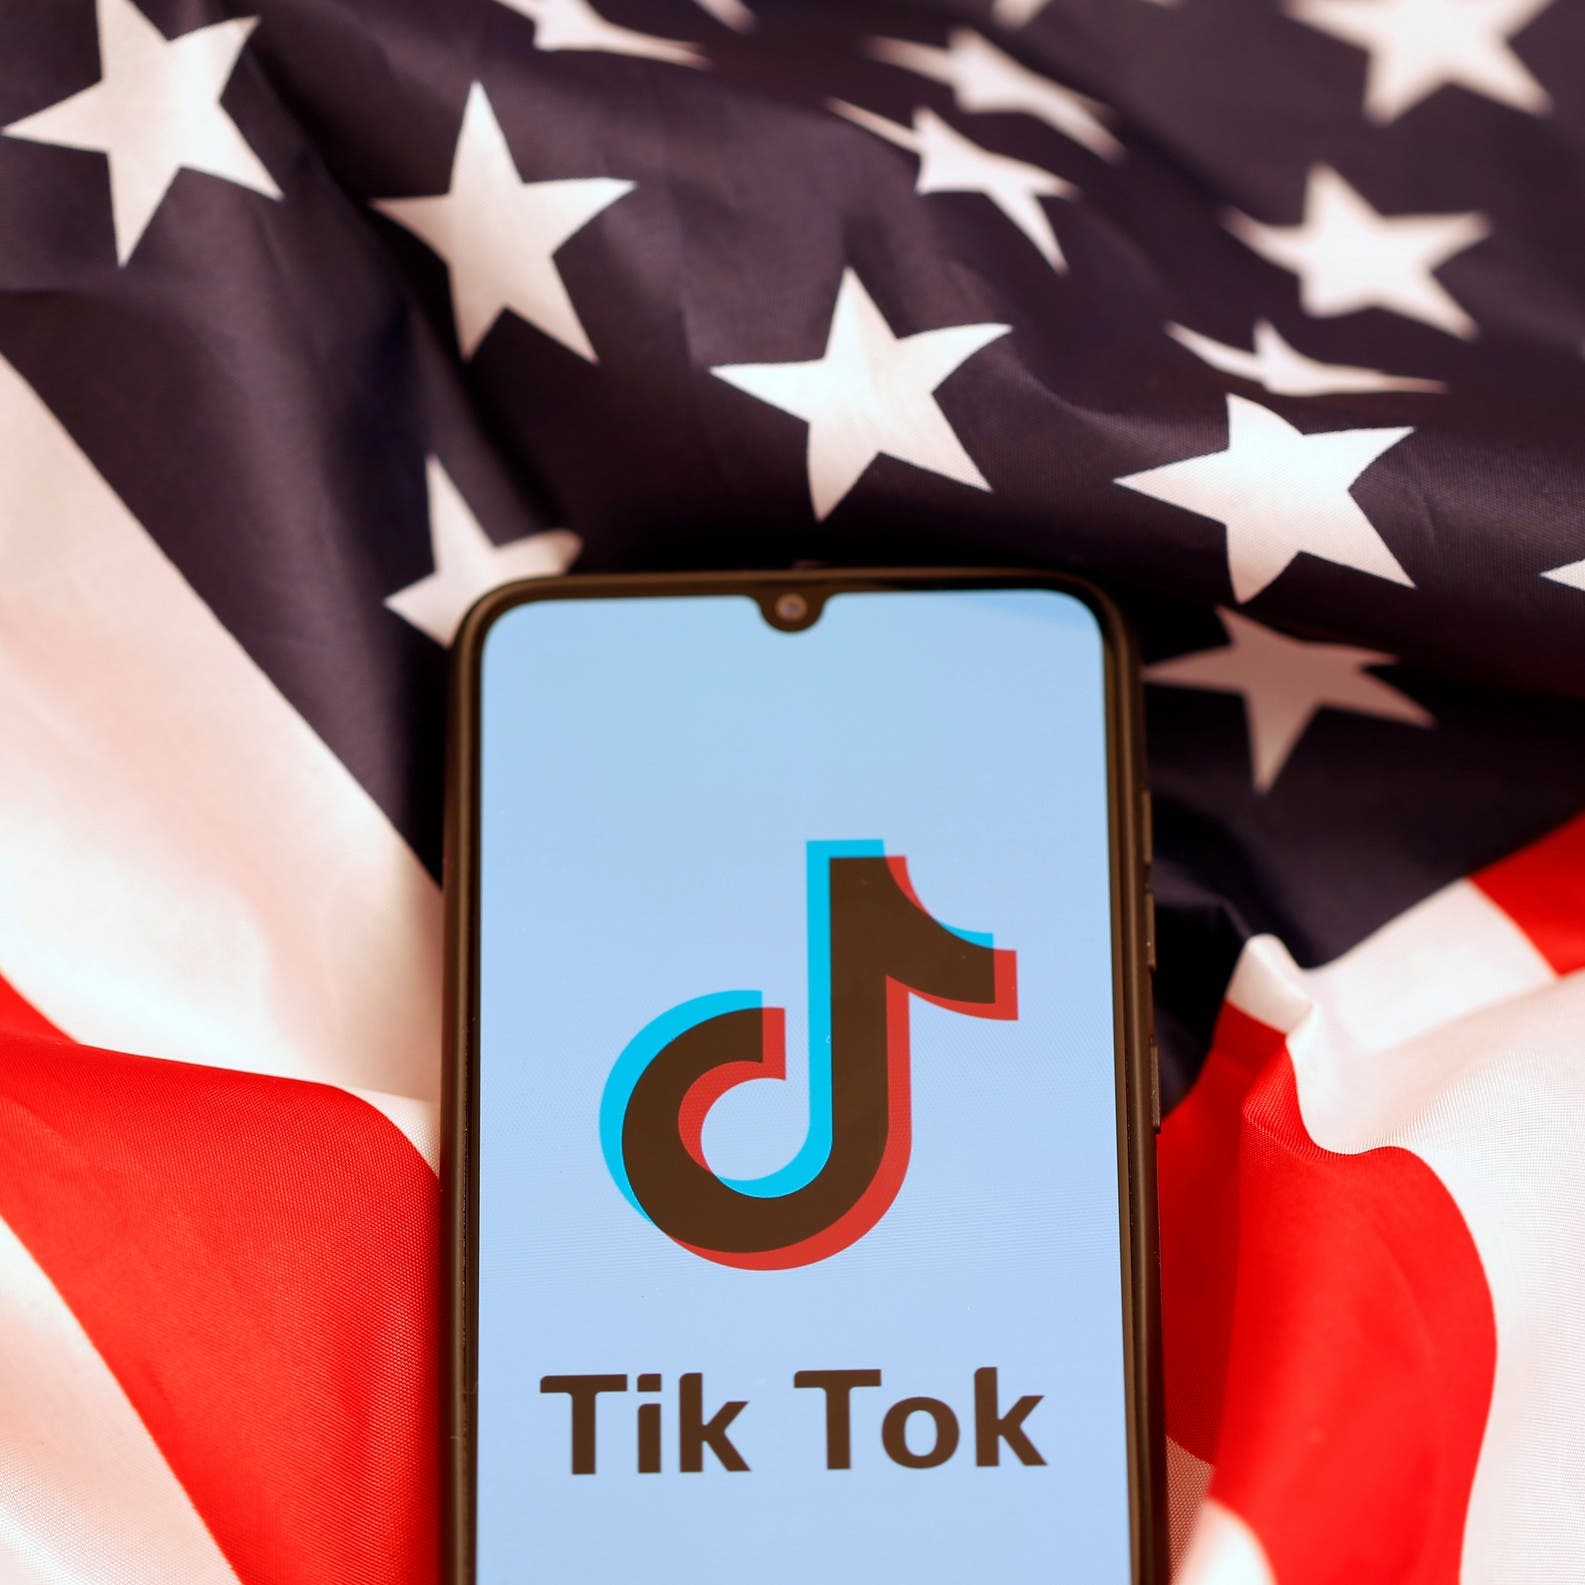 حرب تيك توك.. الصين: أميركا تستخدم دبلوماسية بوارج رقمية